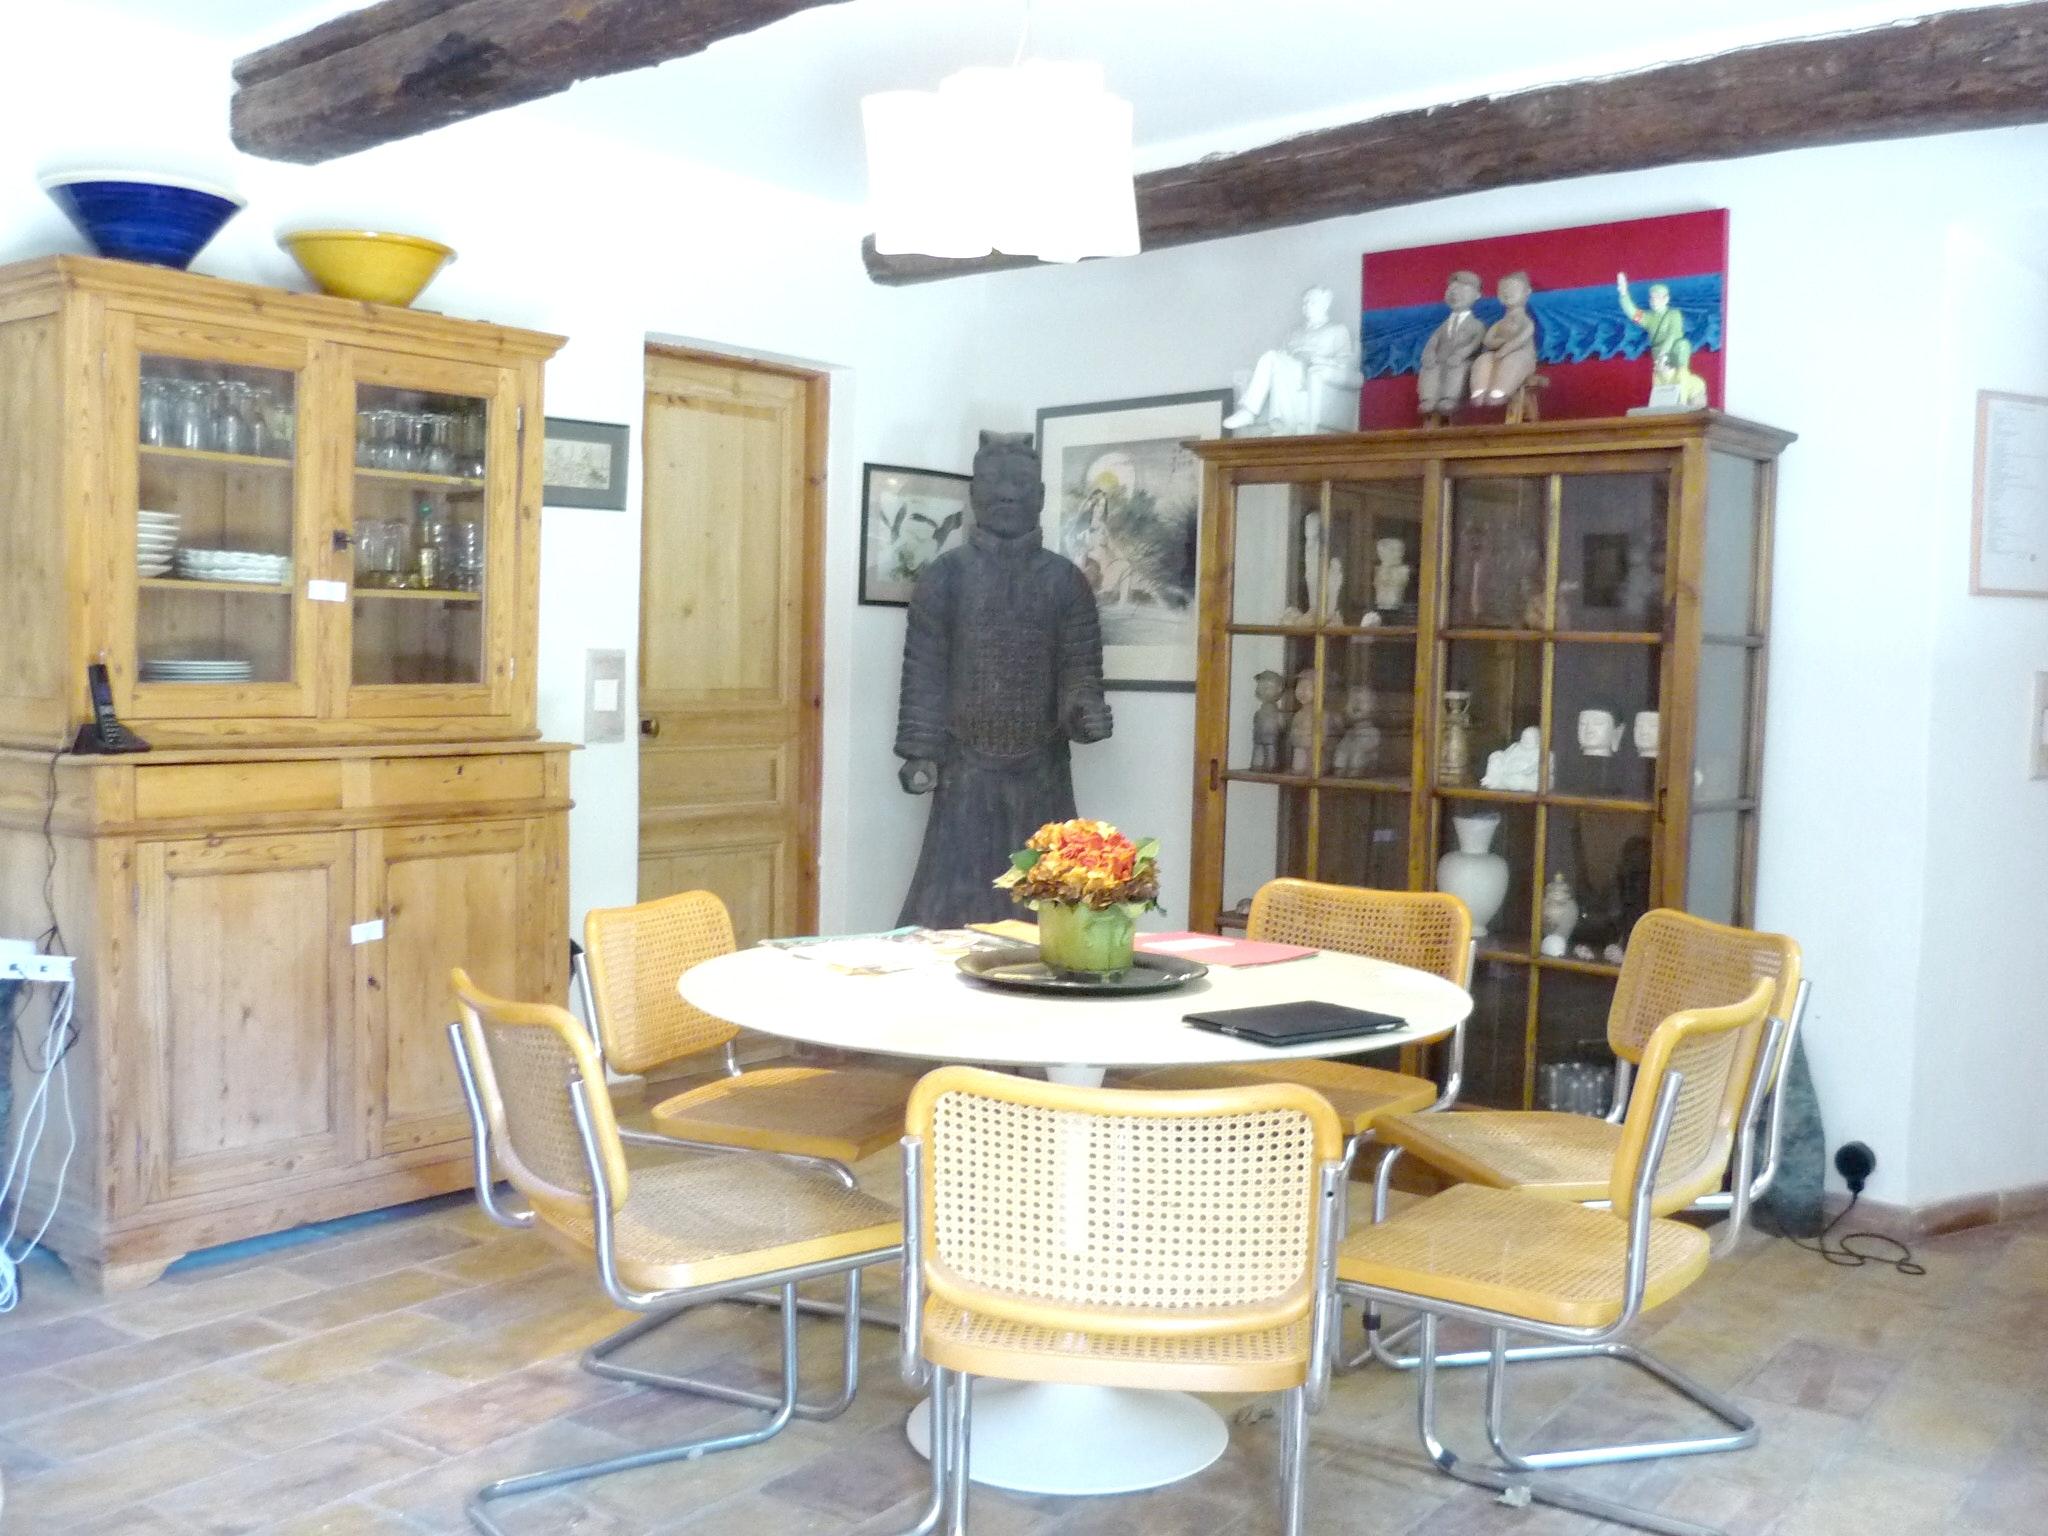 Maison de vacances Villa mit 5 Zimmern in La Garde-Freinet mit privatem Pool, Garten und W-LAN - 20 km vom St (2339879), La Garde Freinet, Côte d'Azur, Provence - Alpes - Côte d'Azur, France, image 6